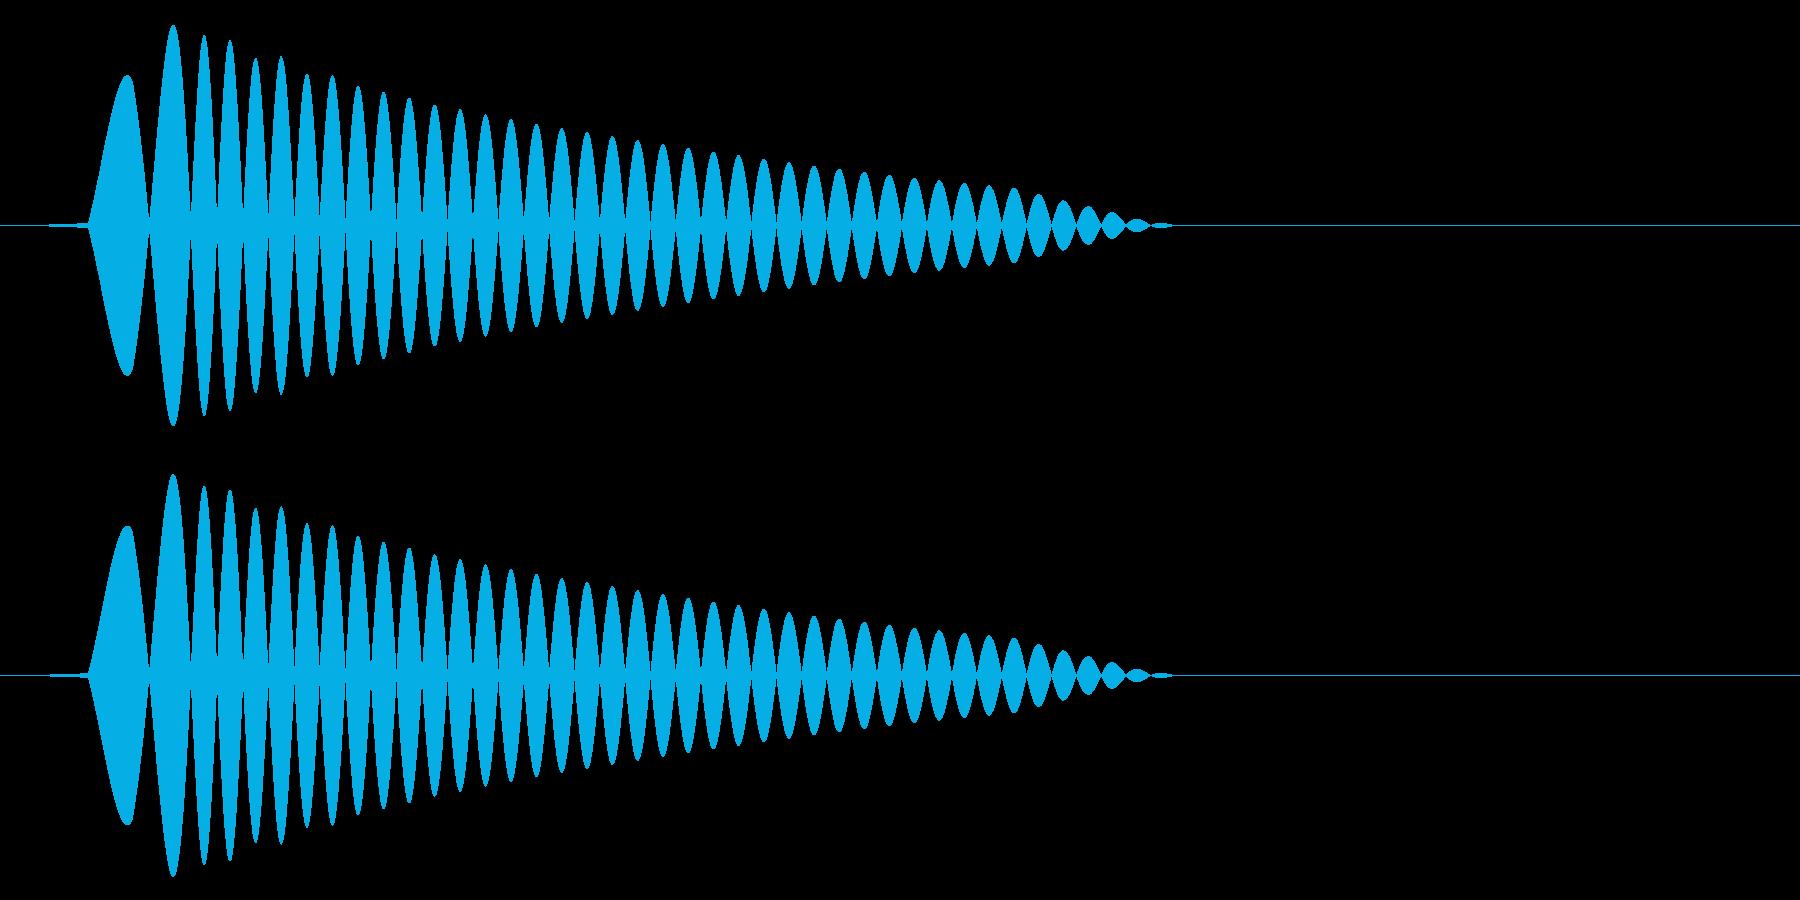 ポッ ポン(低音の薄い音)の再生済みの波形